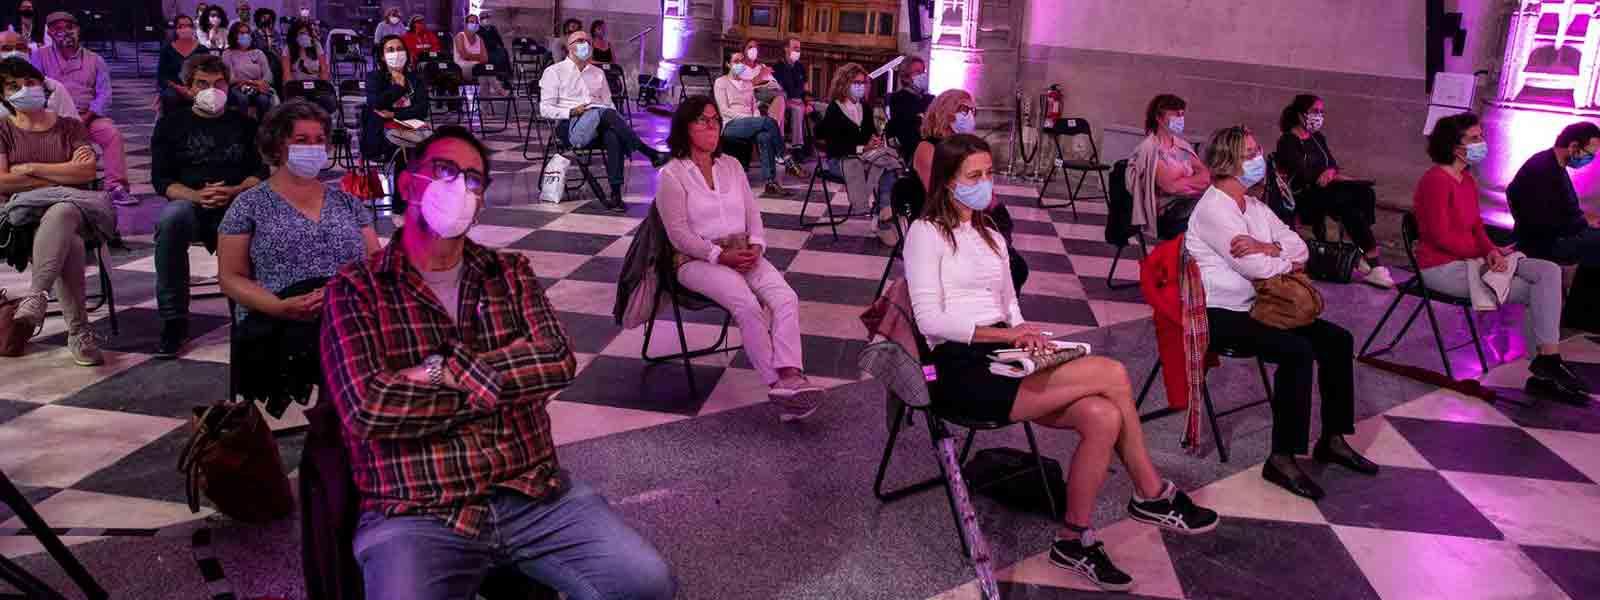 Fiesta con mascarillas - Fundación BBVA Perú